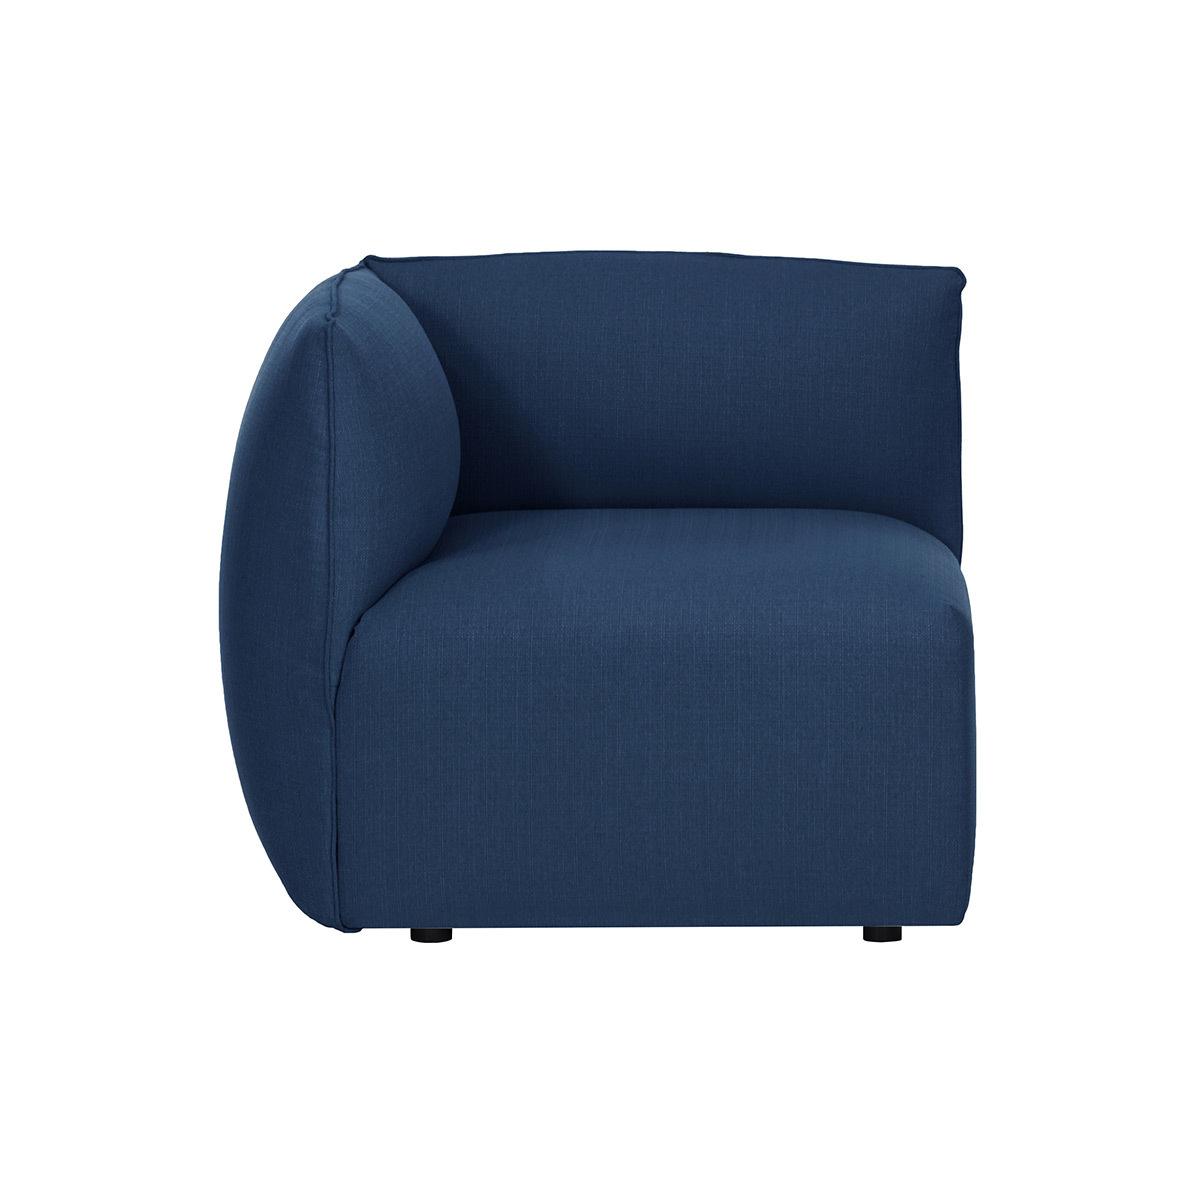 Angolo divano design in tessuto Blu scuro MODULO